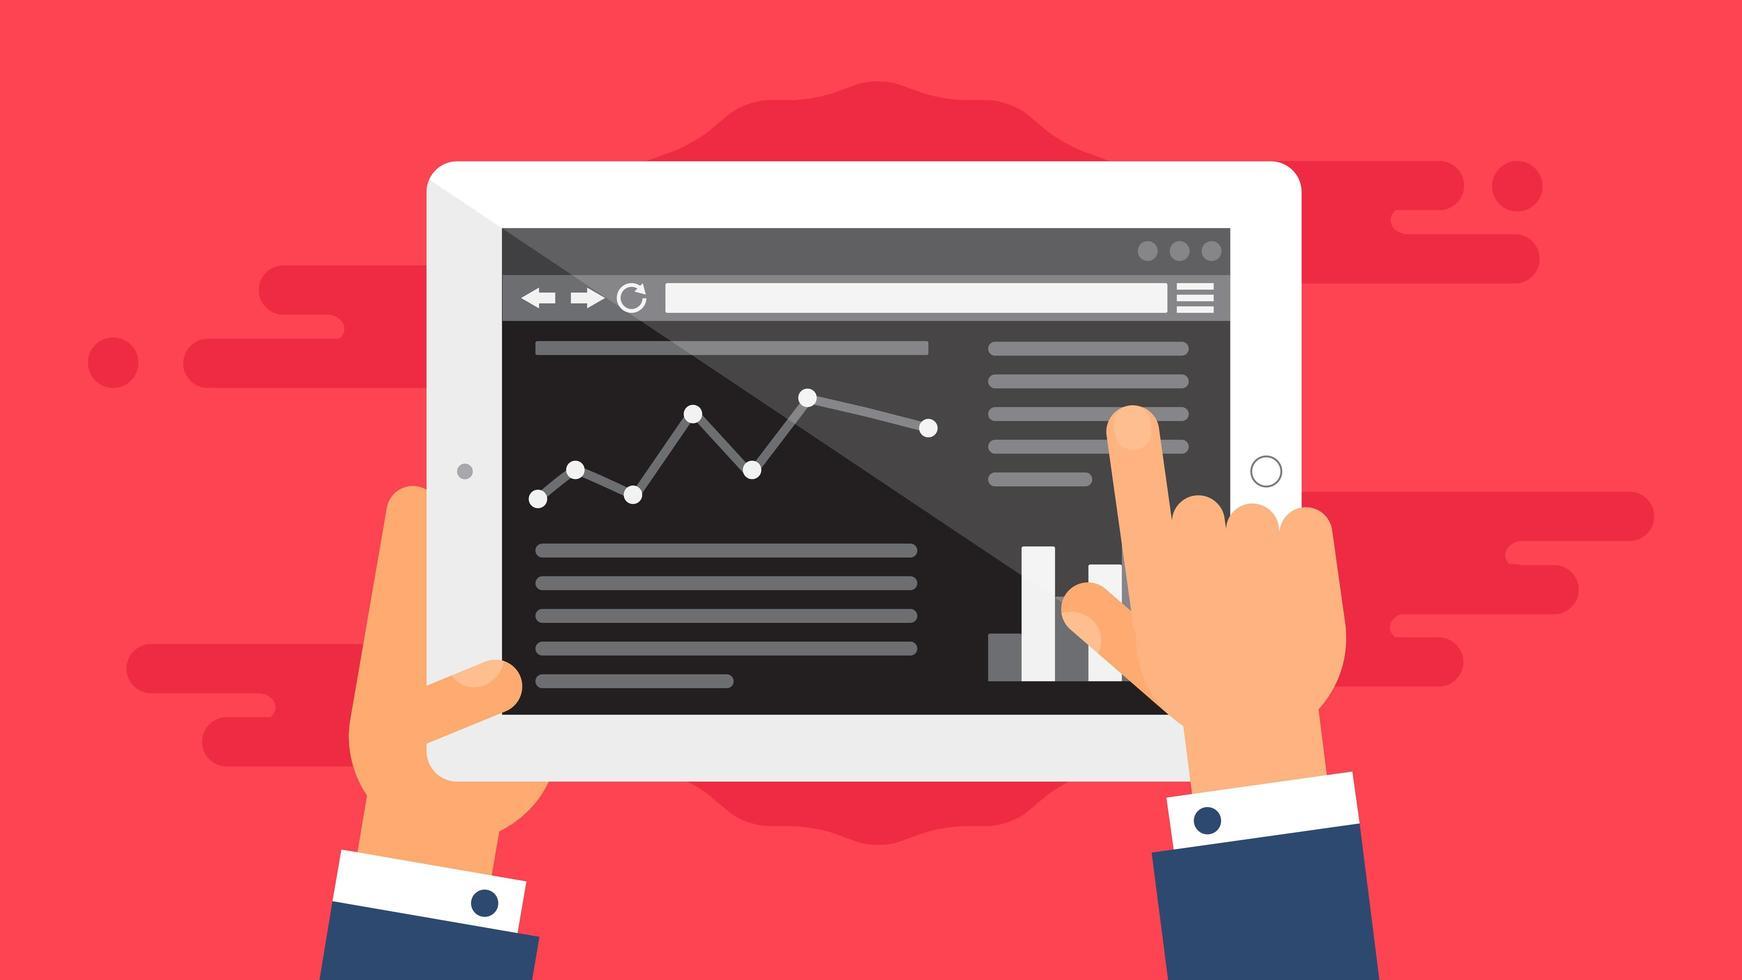 modelo da web de site para tablet ou formulário de artigo vetor